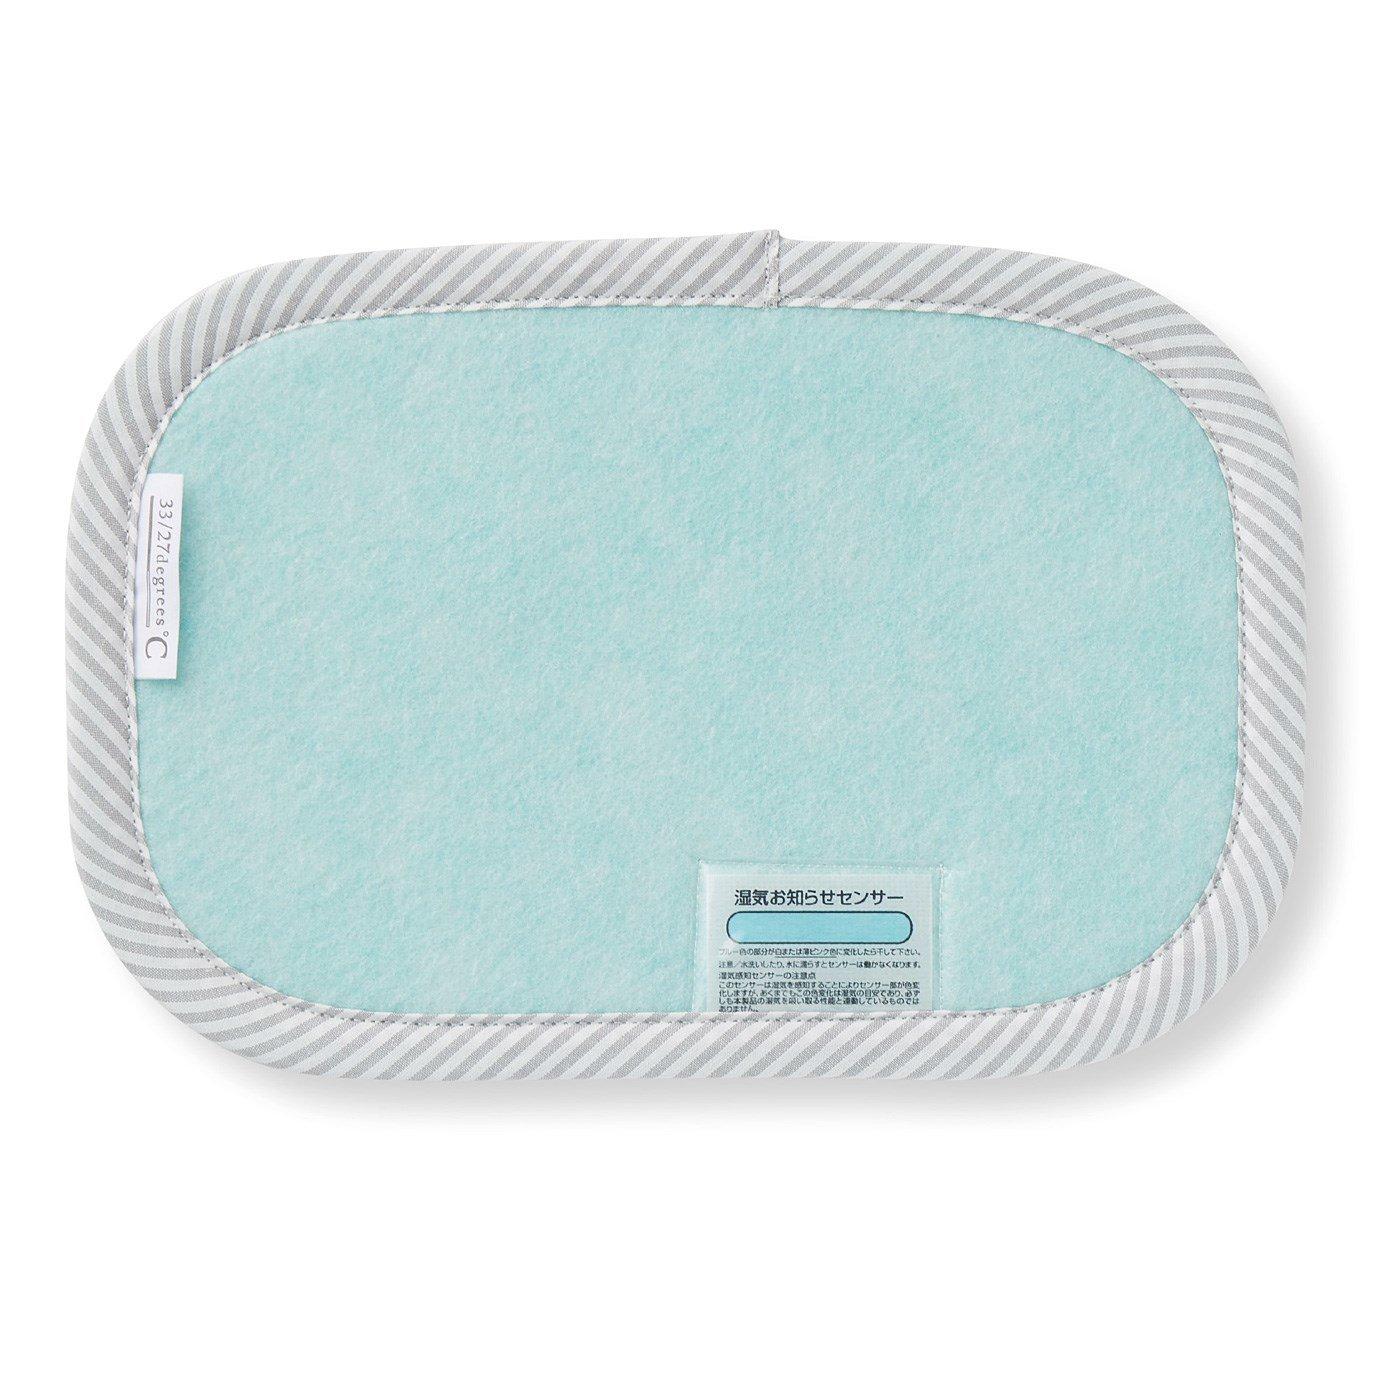 枕の湿気を吸収 繰り返し使える吸湿シート(枕用)